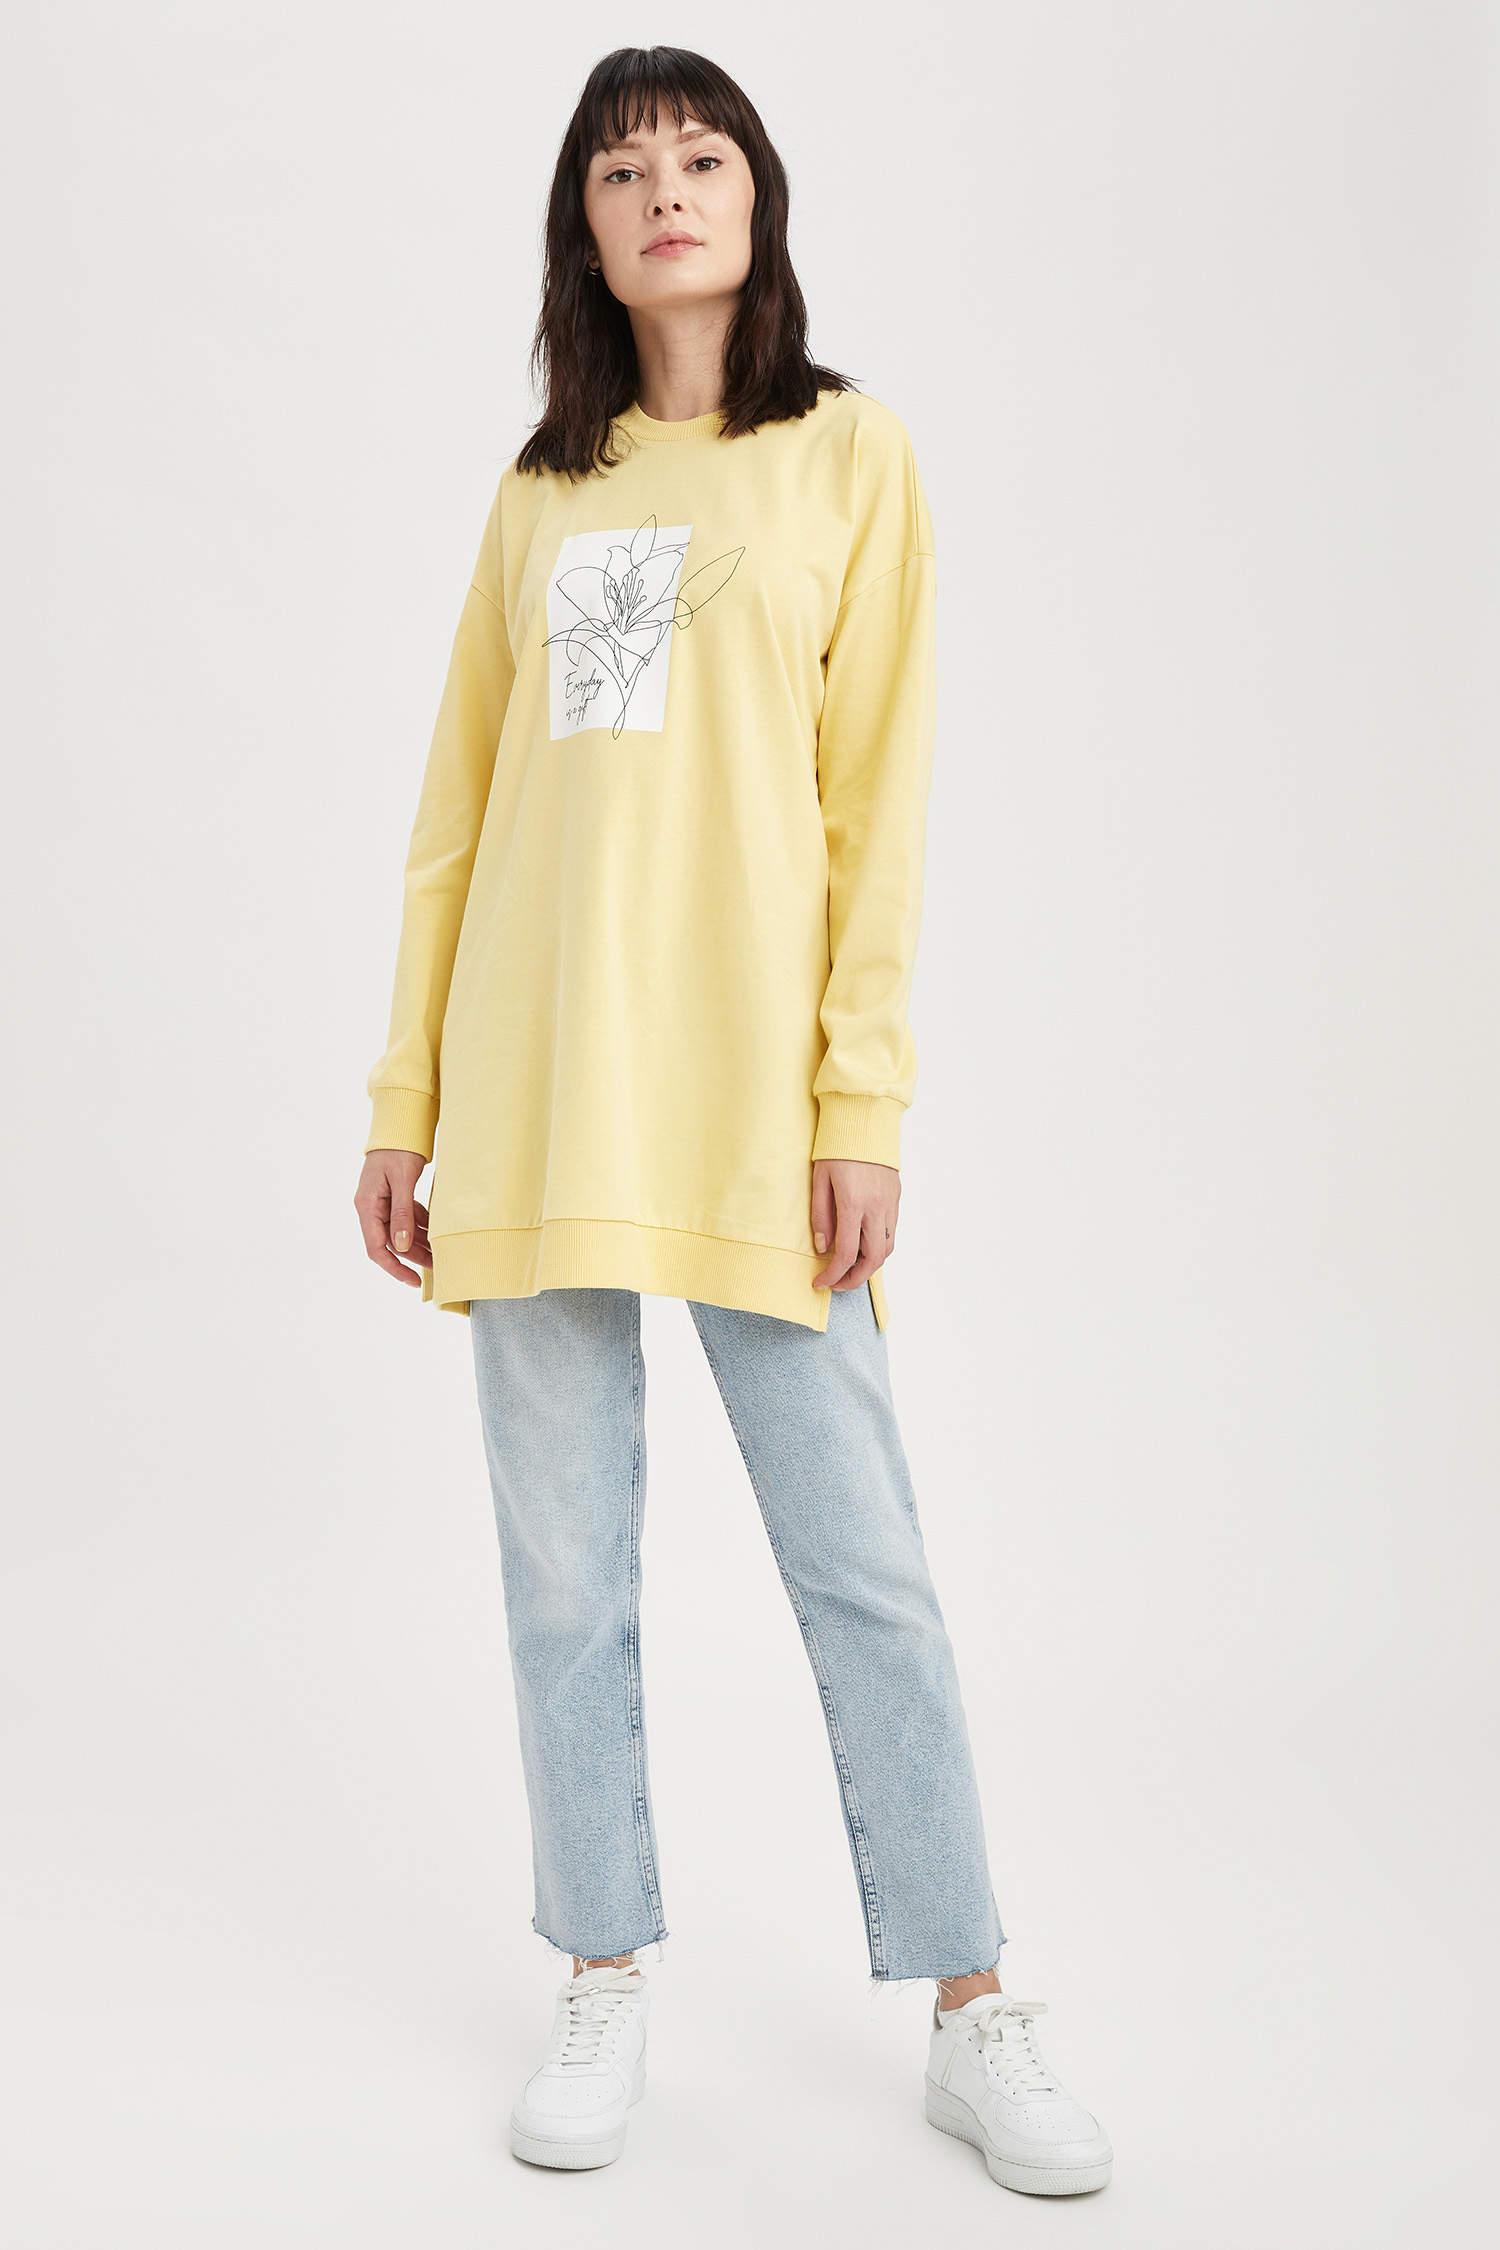 Туника DeFacto, Color: Yellow, Size: XL, 2 image